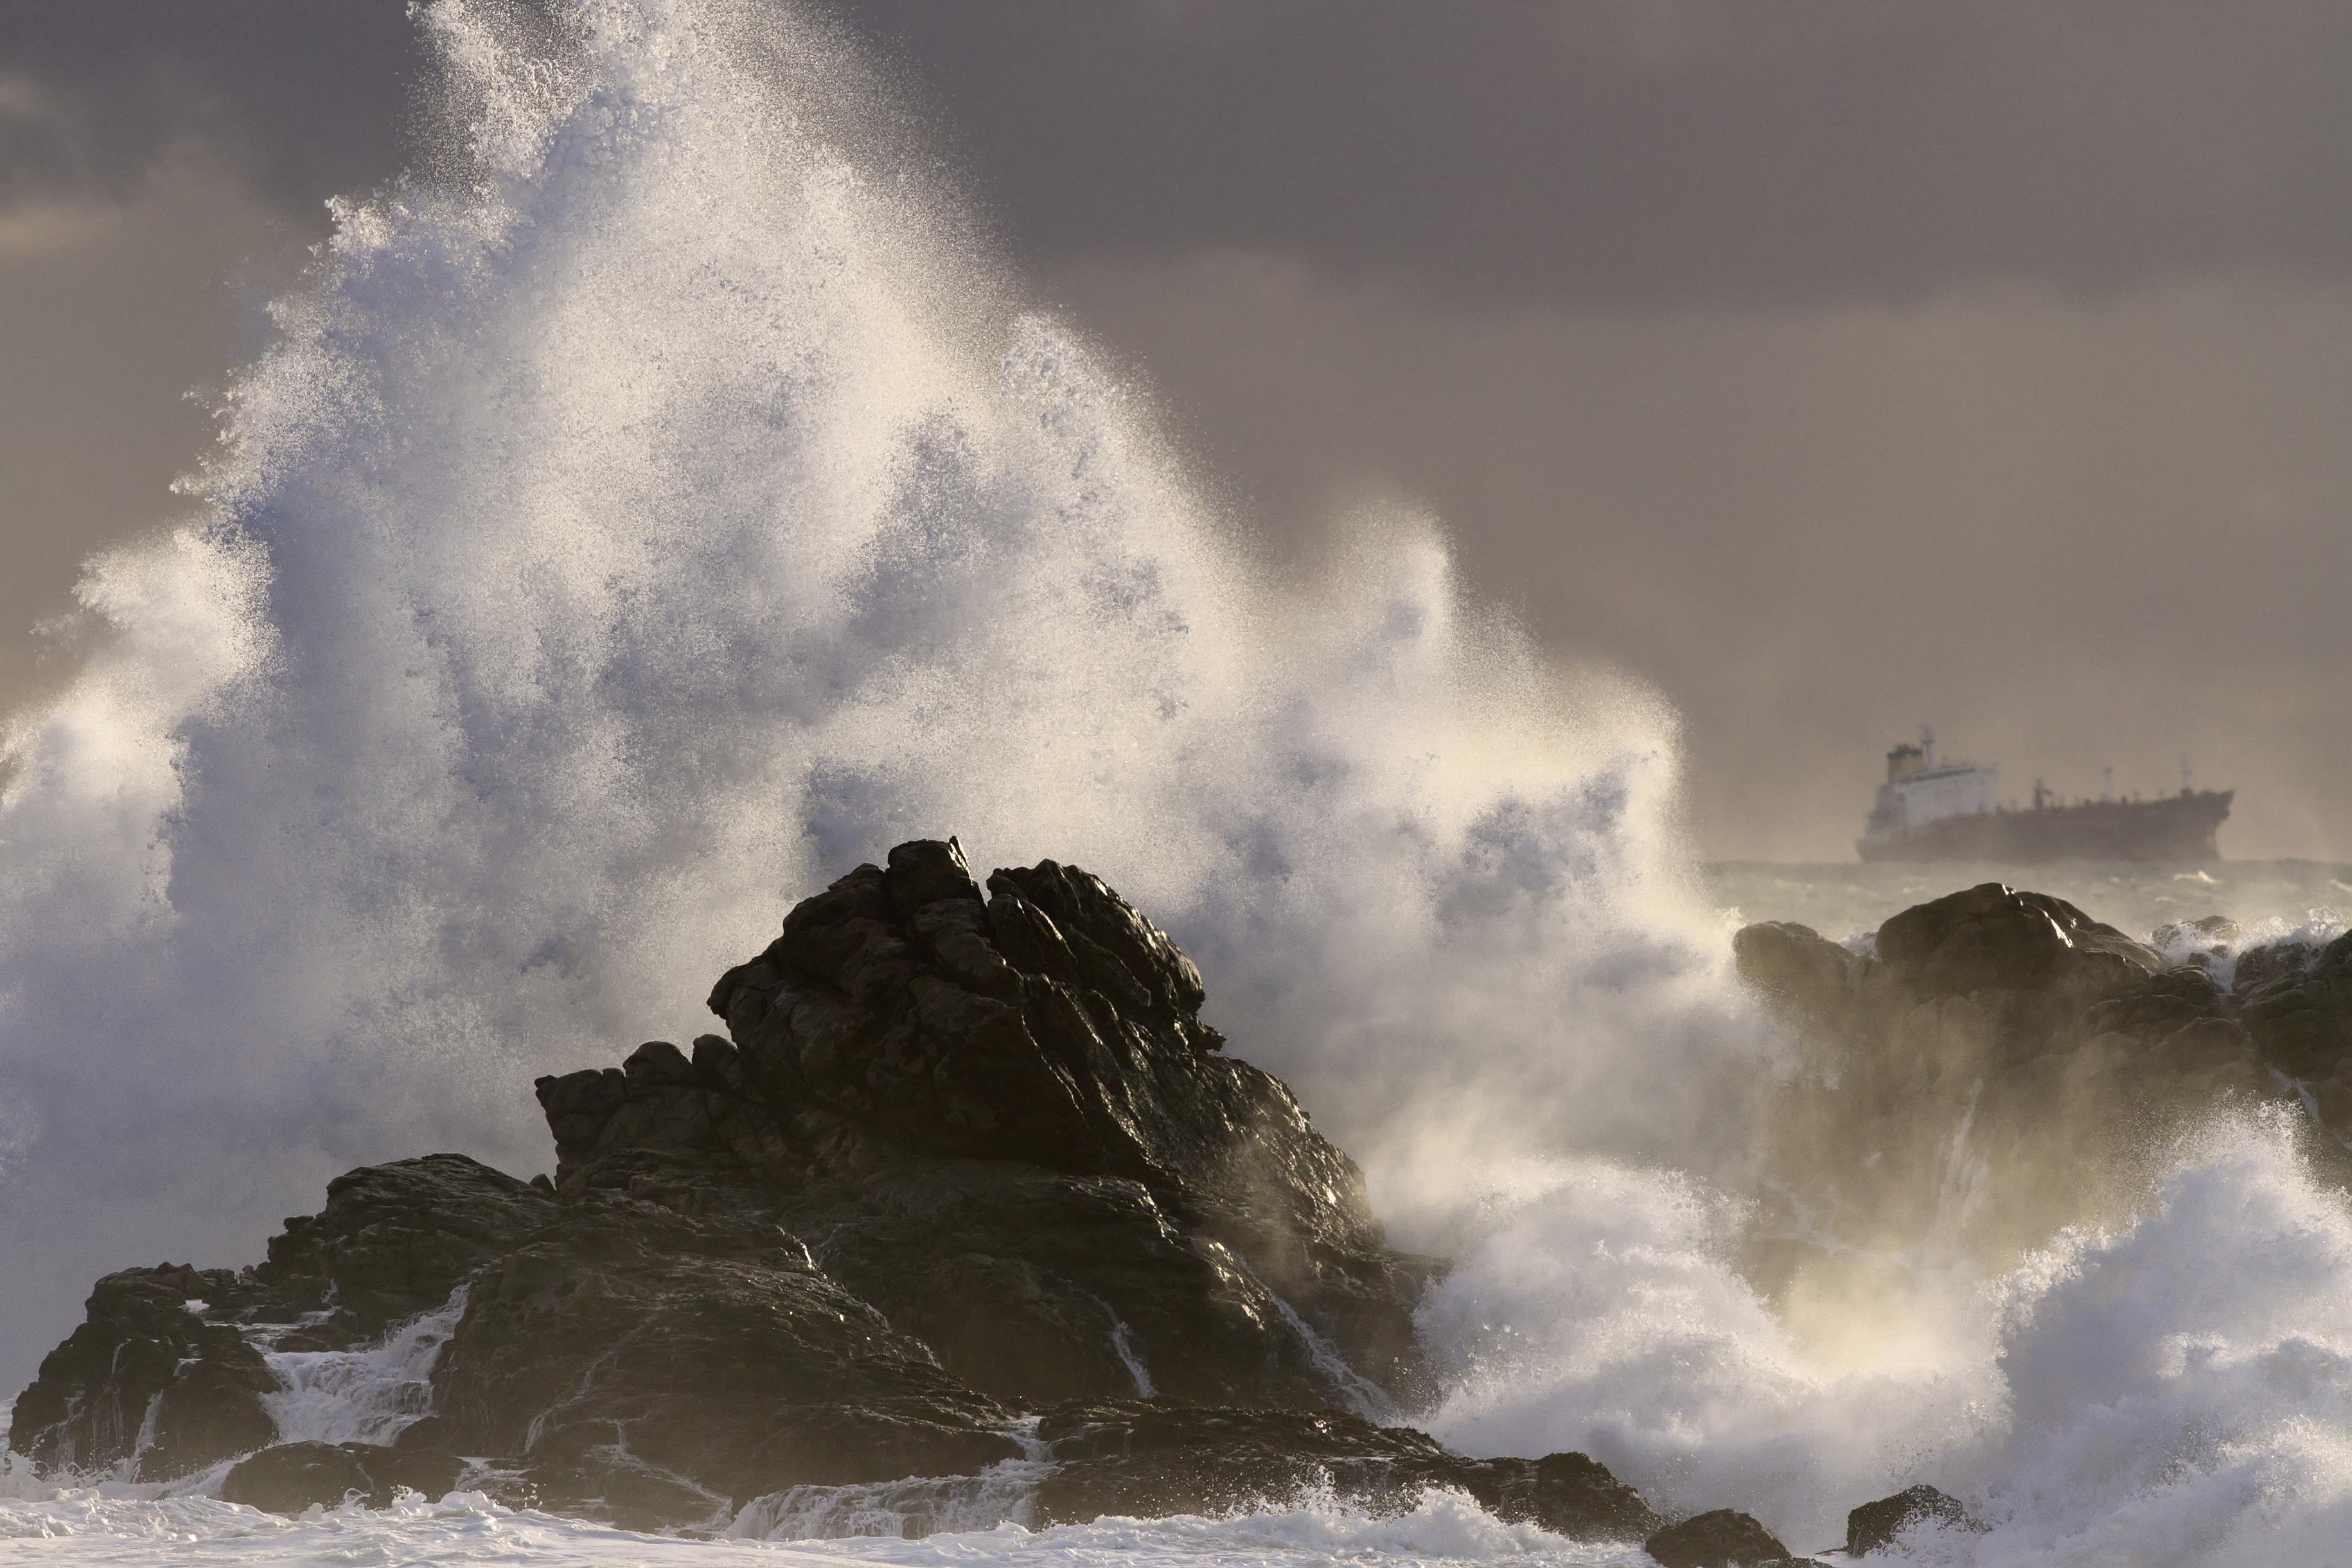 A storm at sea.